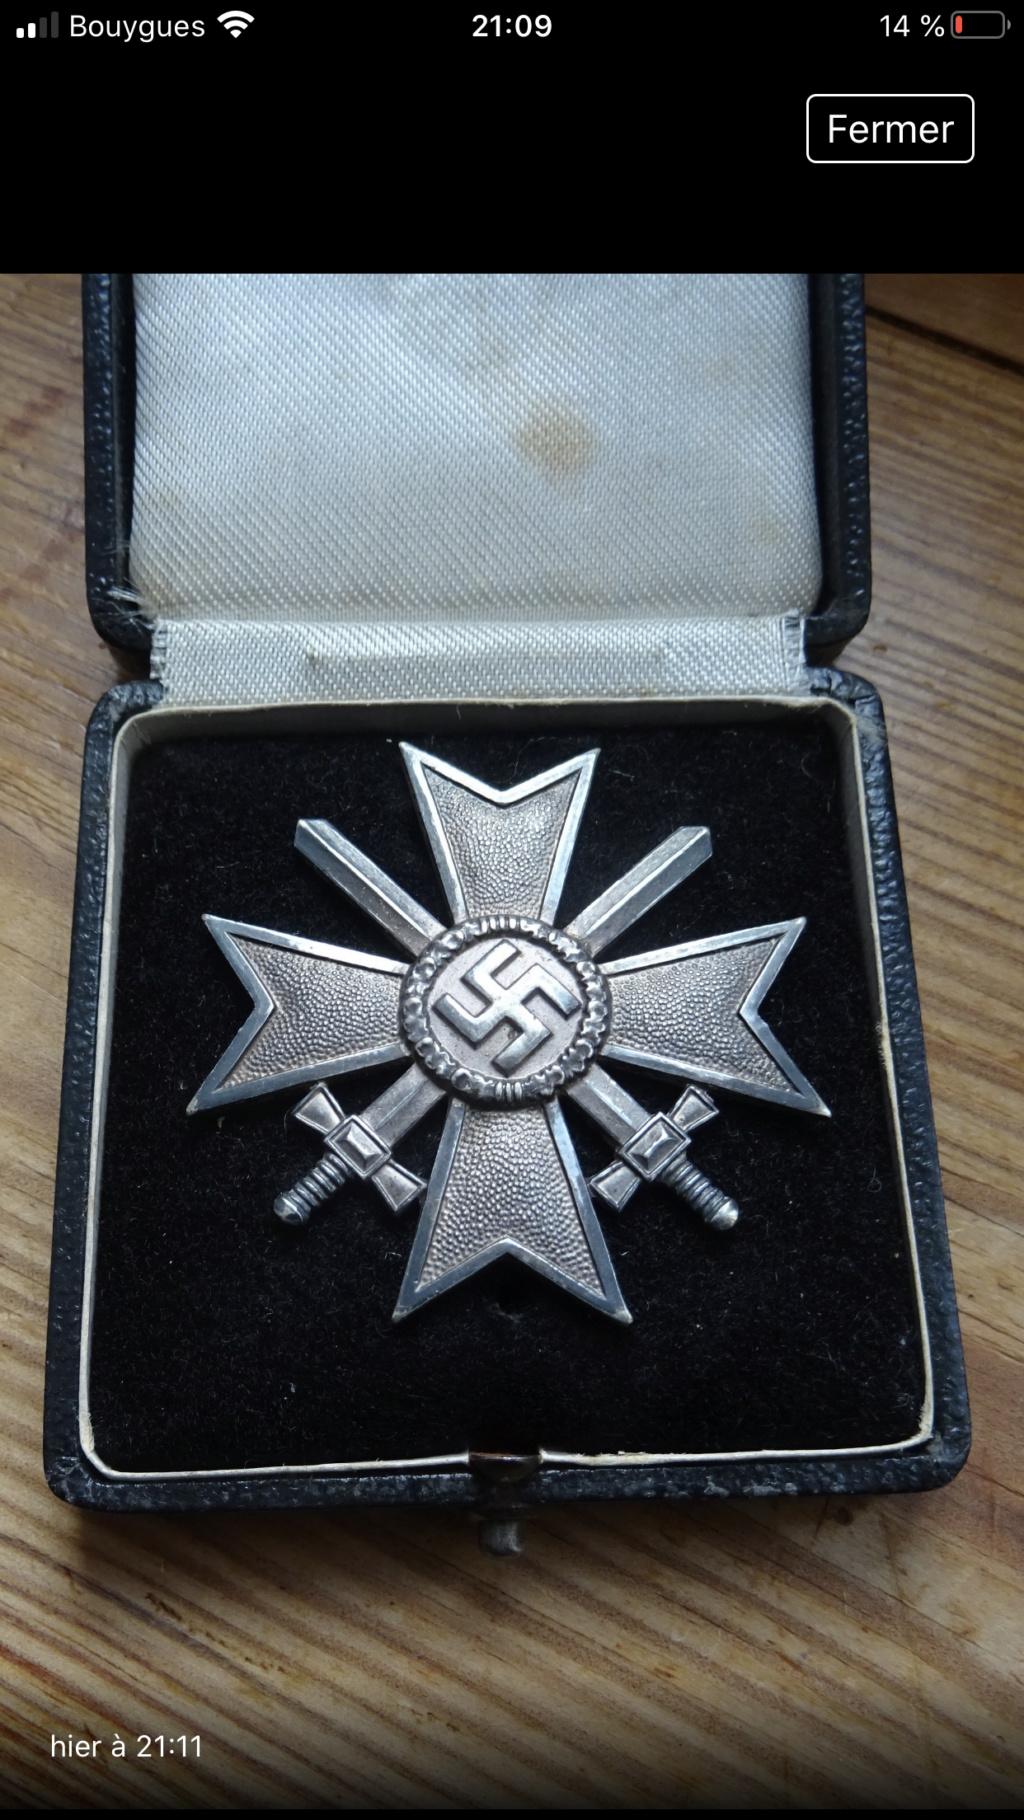 Medaille kvk 1 4b1a6b10